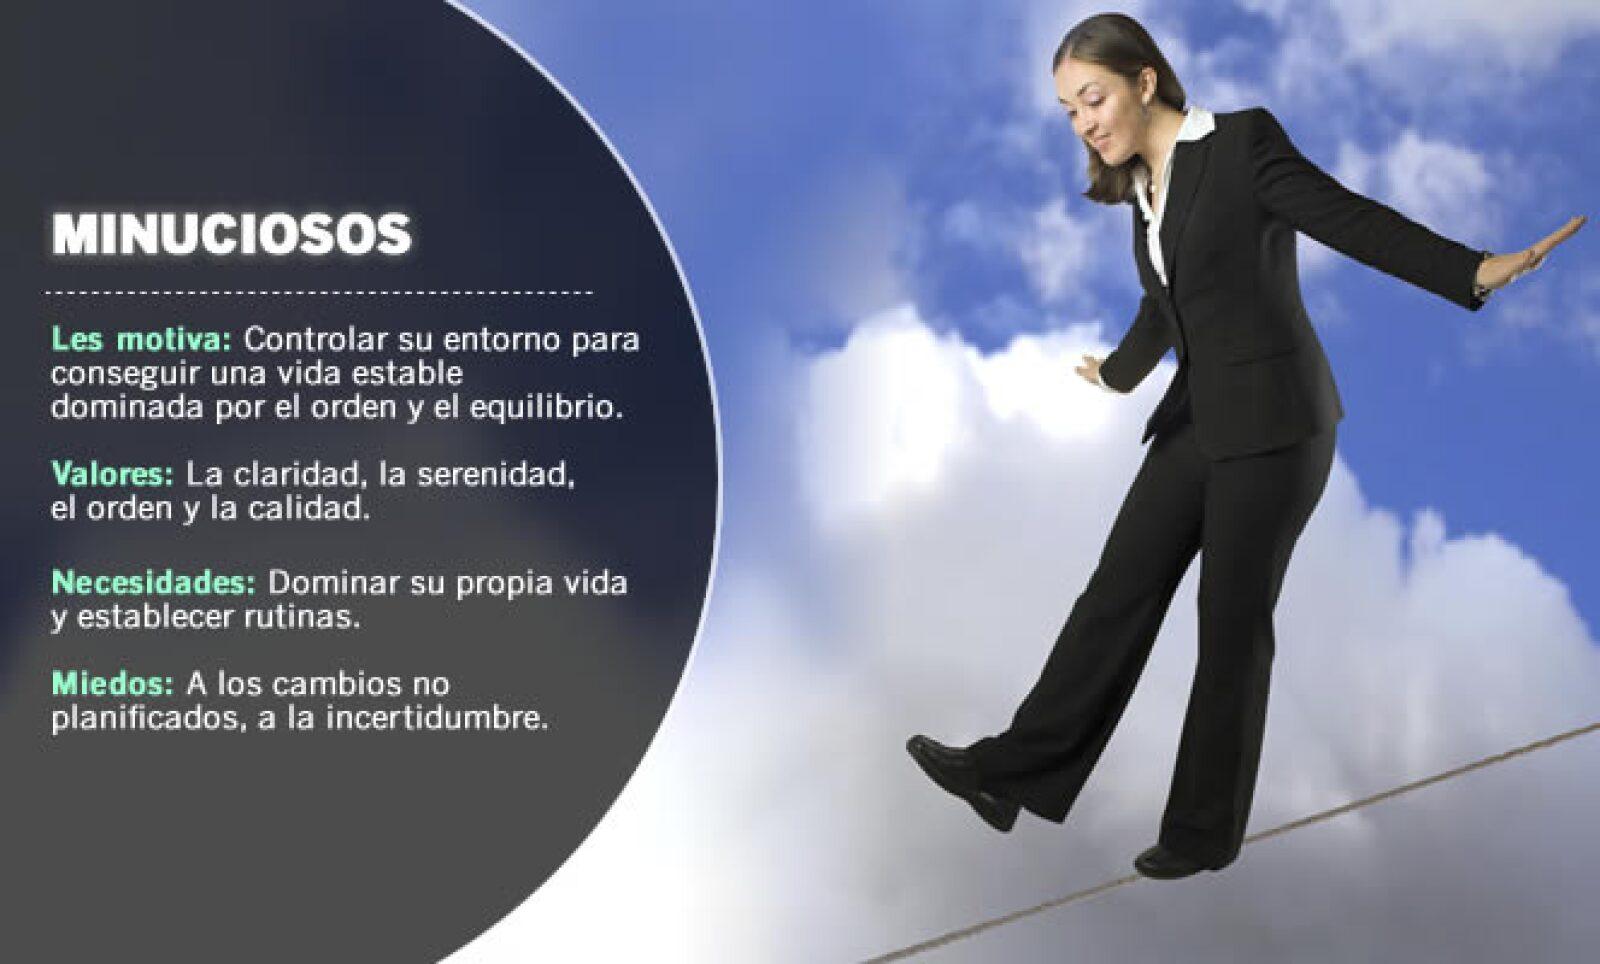 La psicóloga Beatriz Valderrama deja atrás la pirámide de Maslow, y se basa en una rueda en donde se representan los diez factores que impulsan a las personas. La seguridad es el factor de los minuciosos.